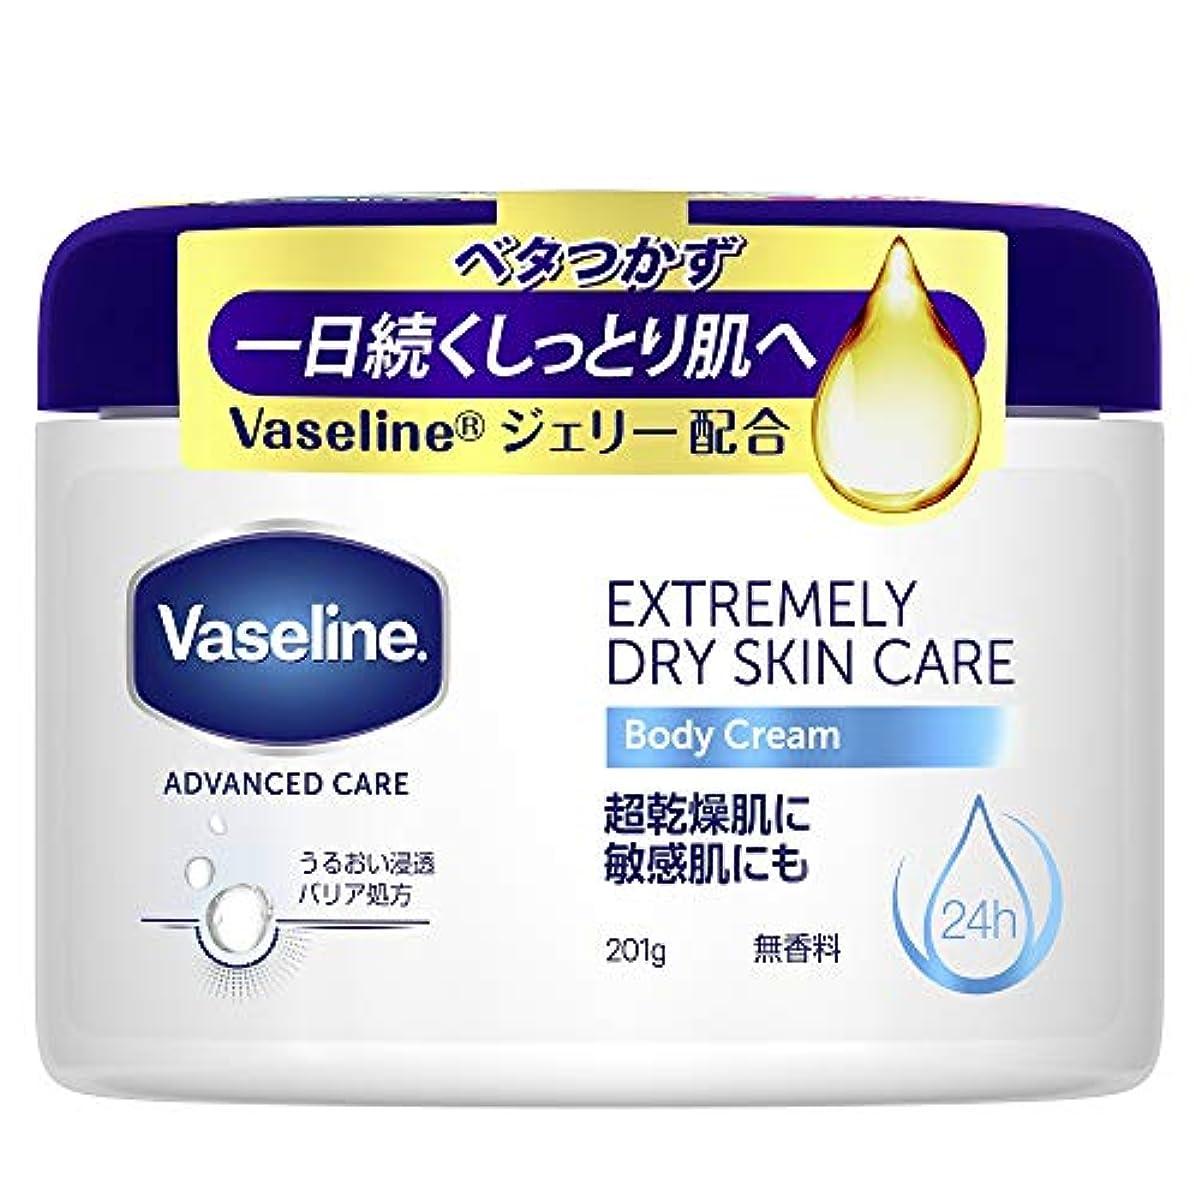 三センブランスポルノVaseline(ヴァセリン) ヴァセリン エクストリーム ドライスキンケア ボディクリーム 201g